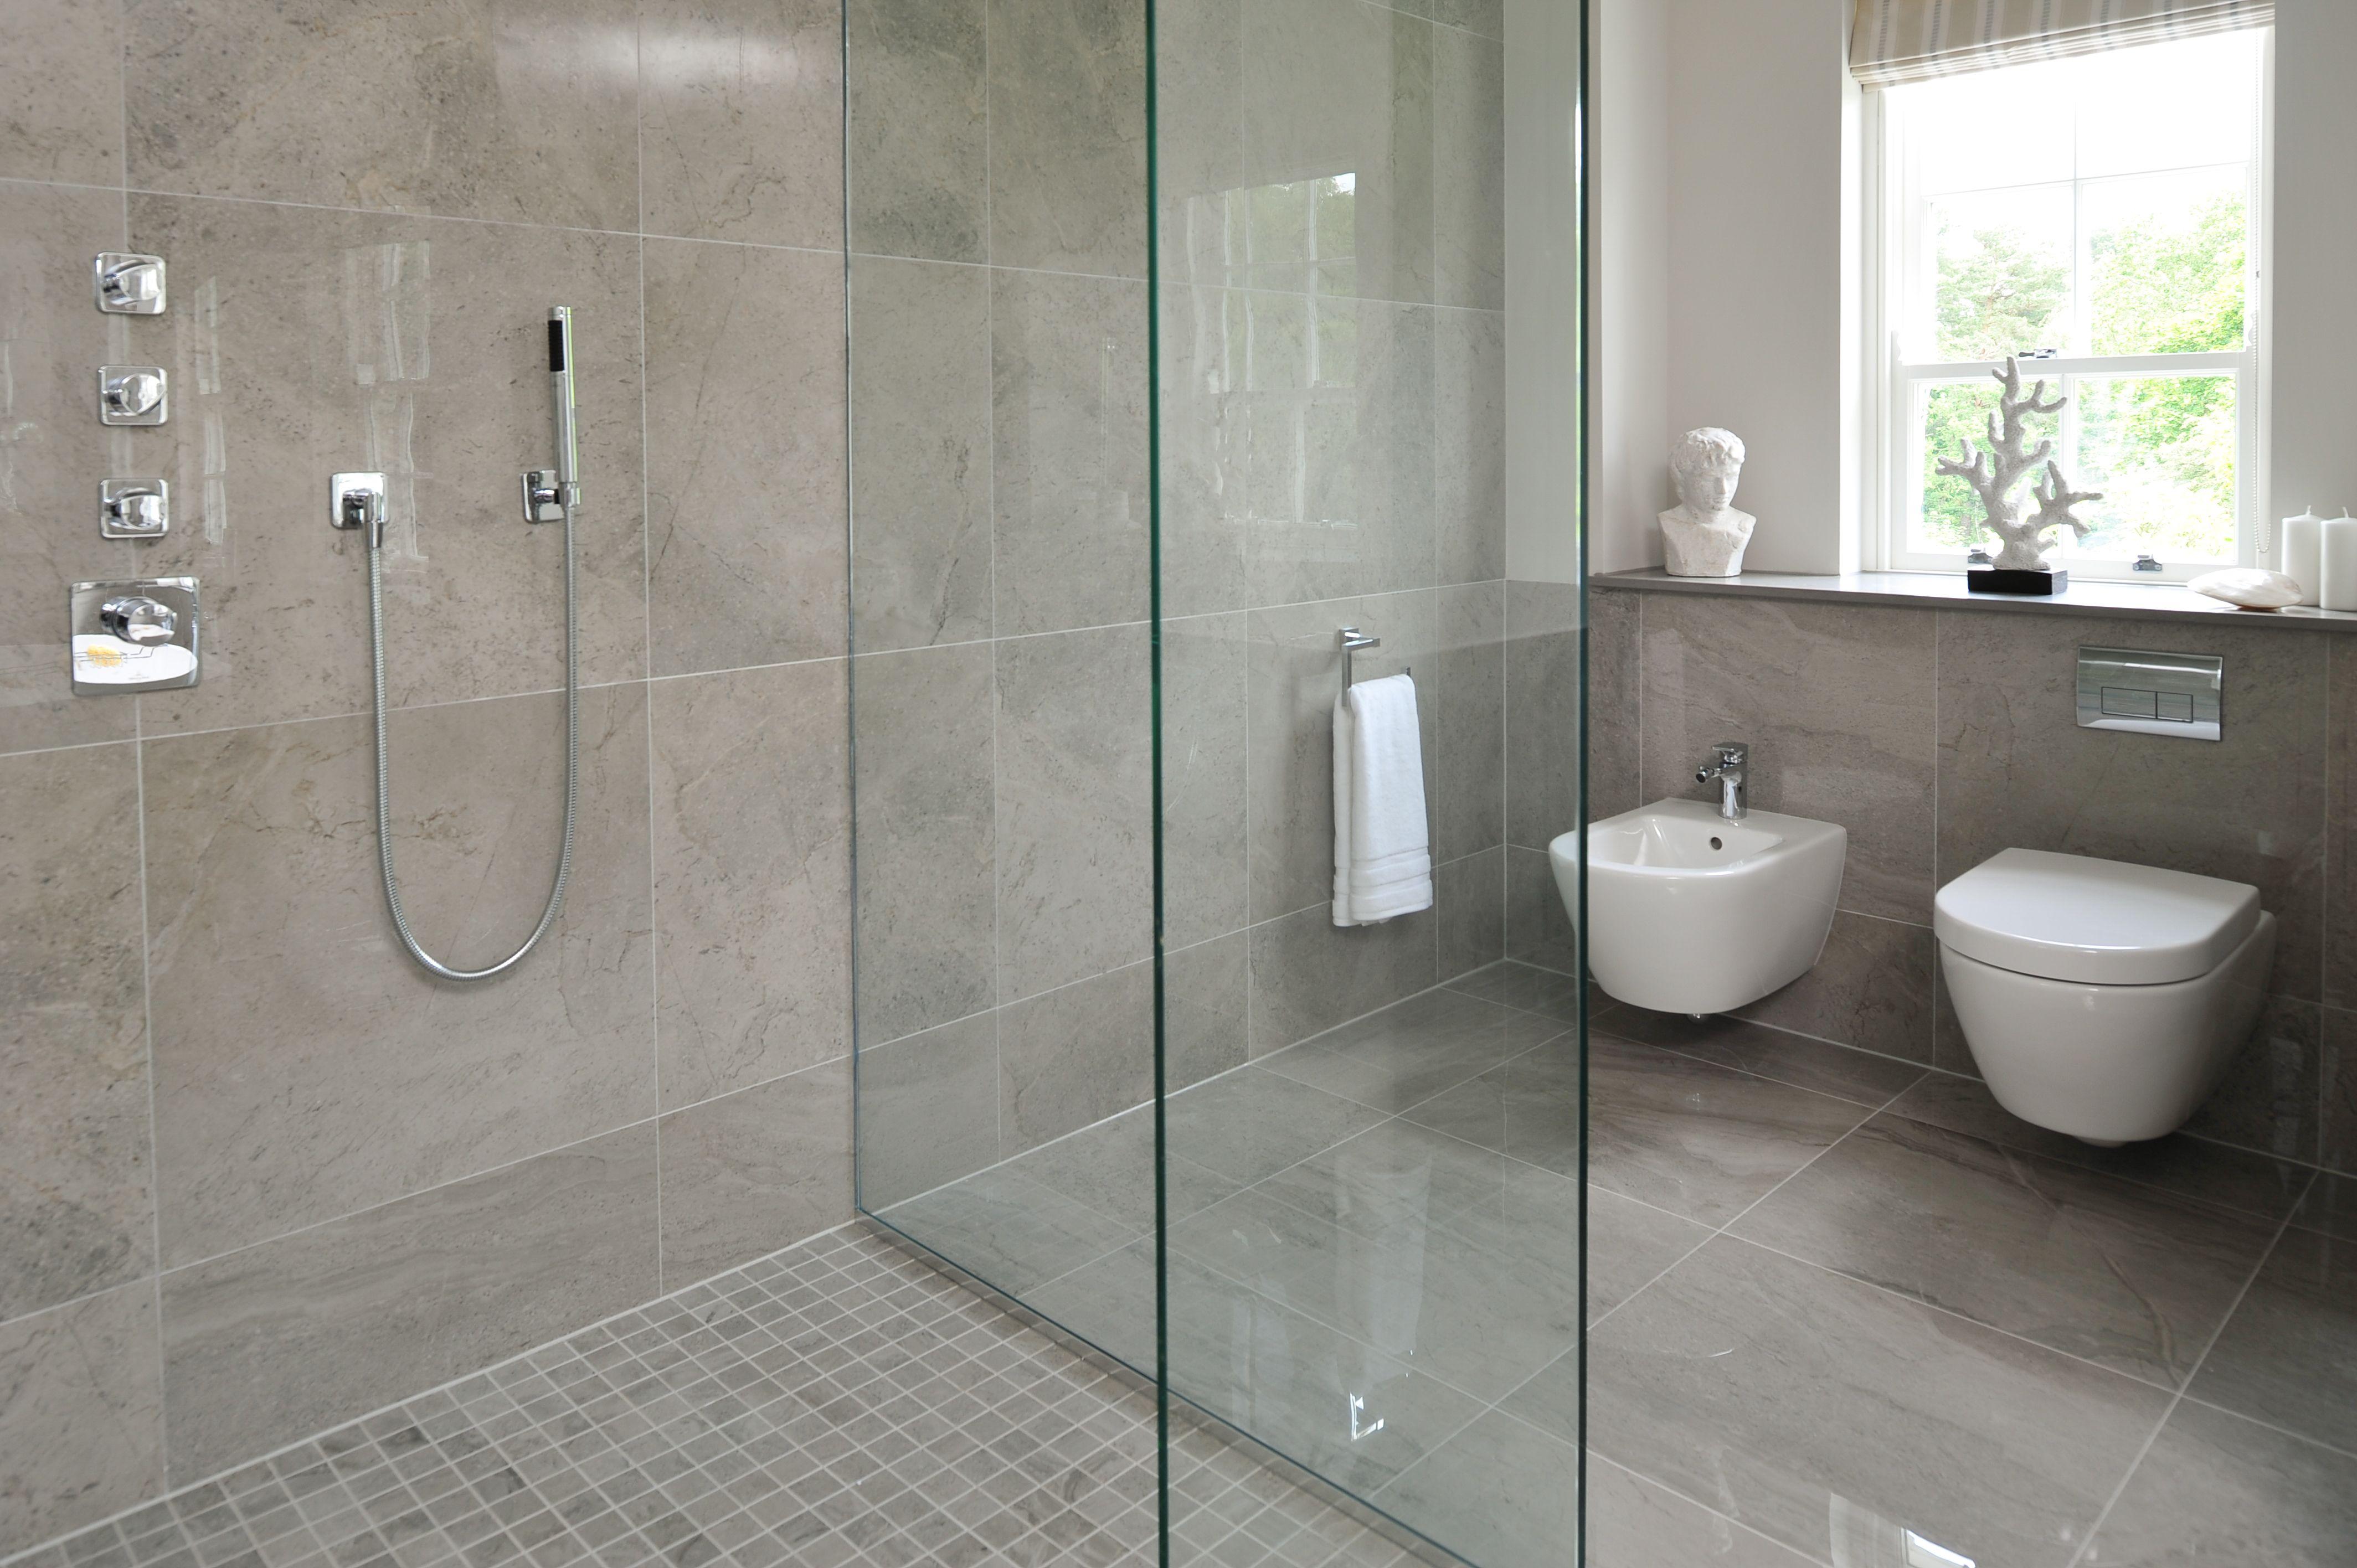 Pin by Allison Zickfeld on Bath | Pinterest | Porcelain tile, Wall ...